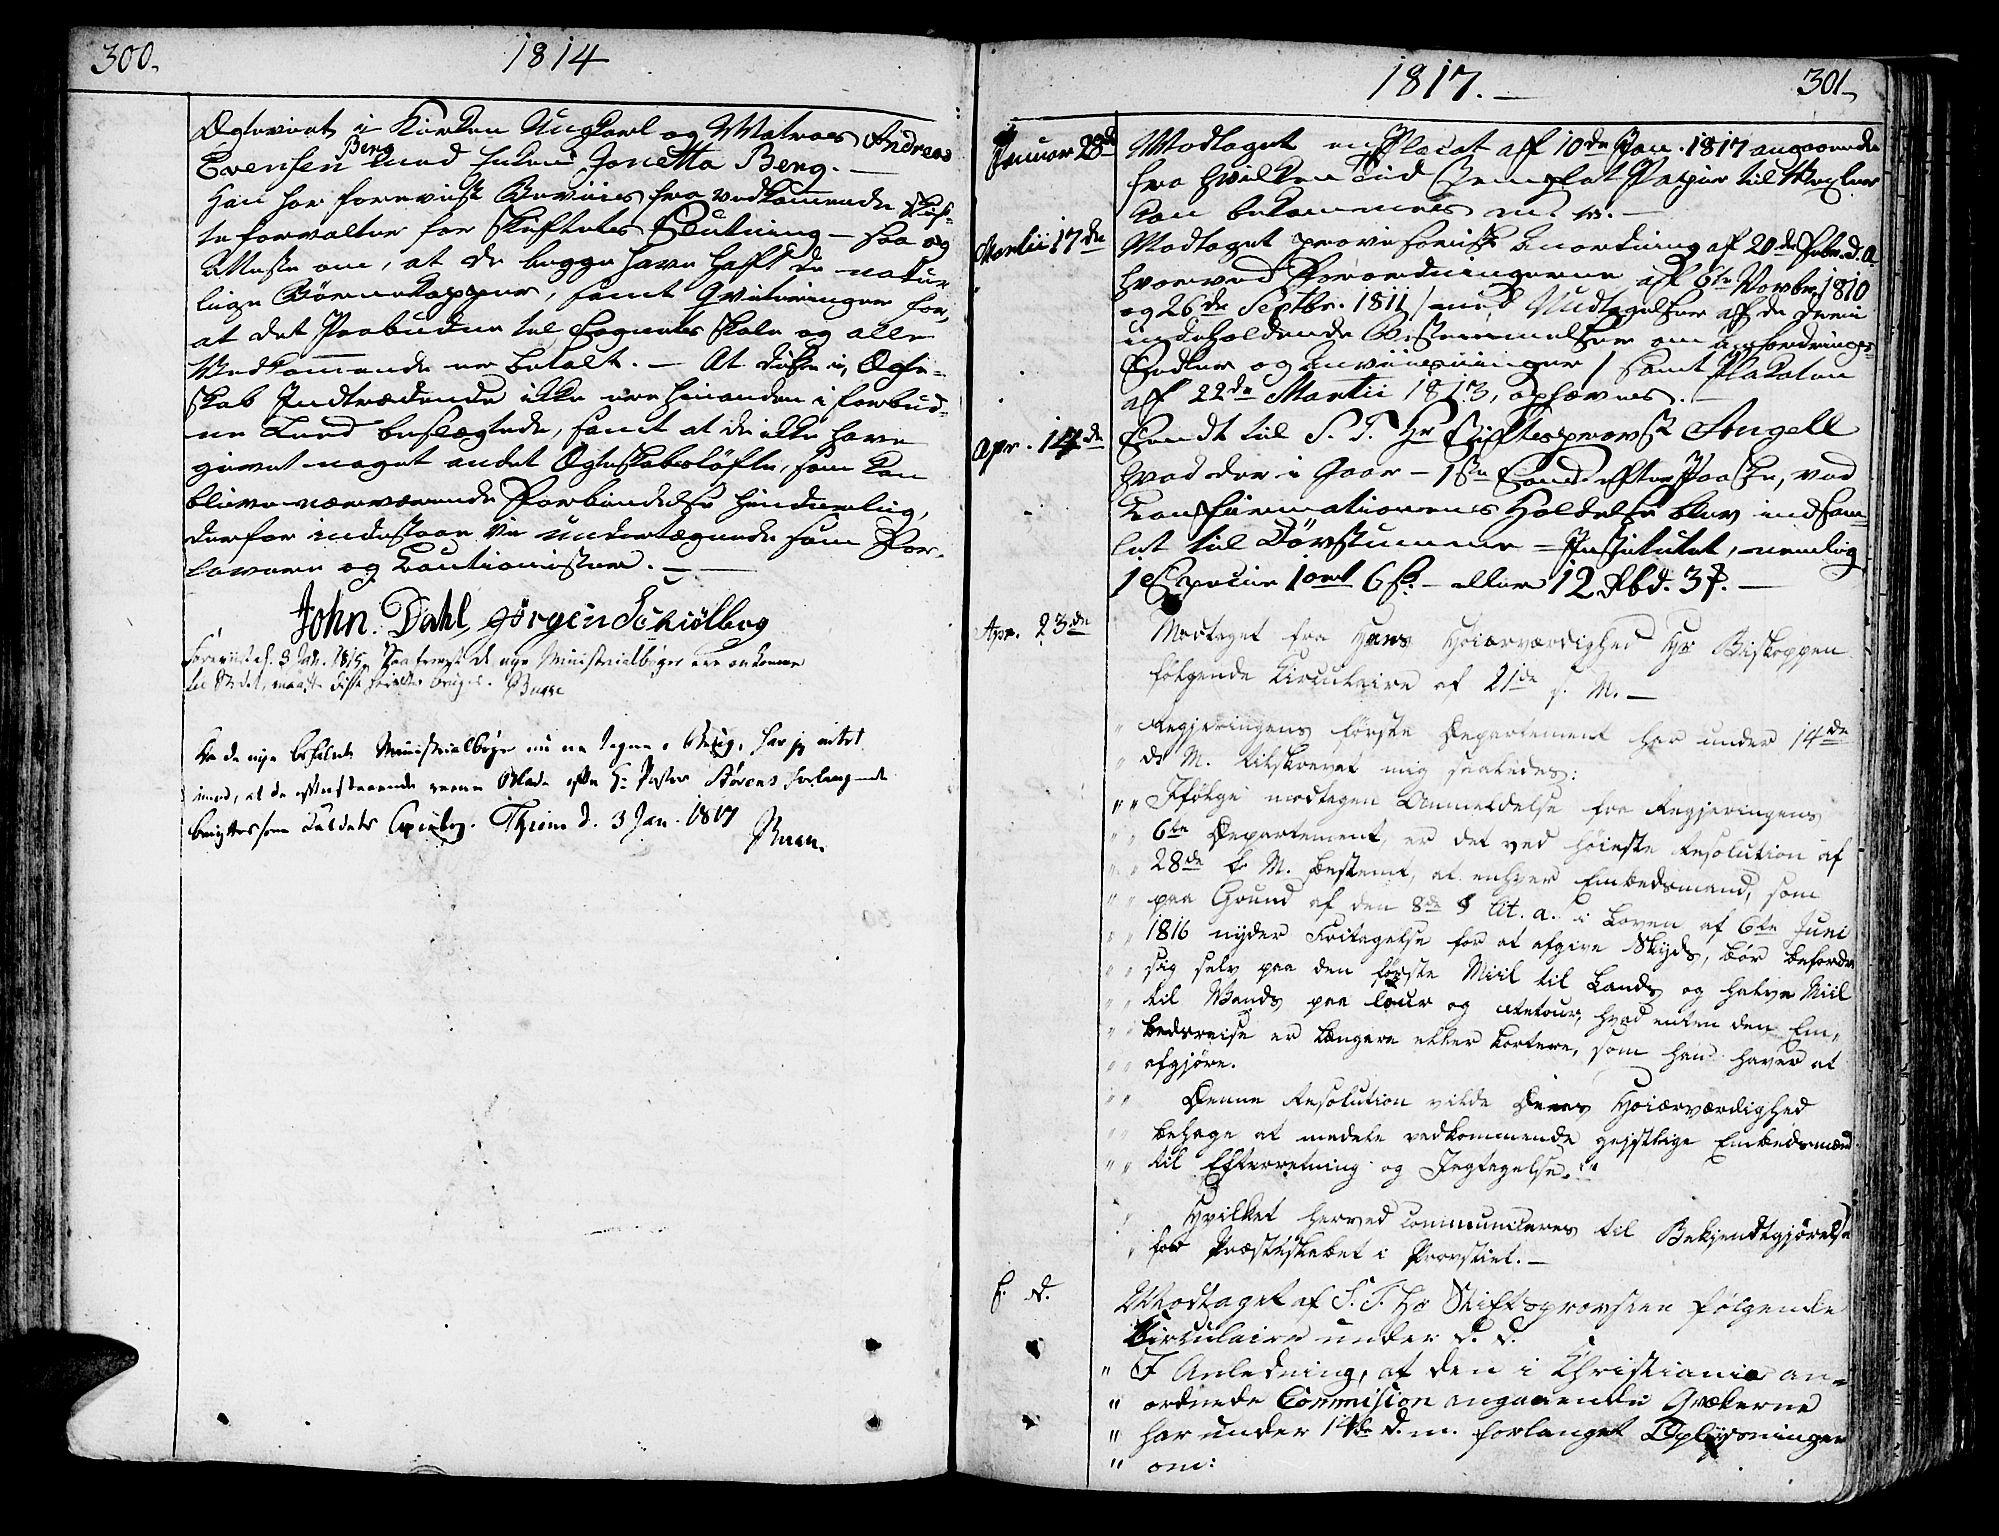 SAT, Ministerialprotokoller, klokkerbøker og fødselsregistre - Sør-Trøndelag, 602/L0105: Ministerialbok nr. 602A03, 1774-1814, s. 300-301